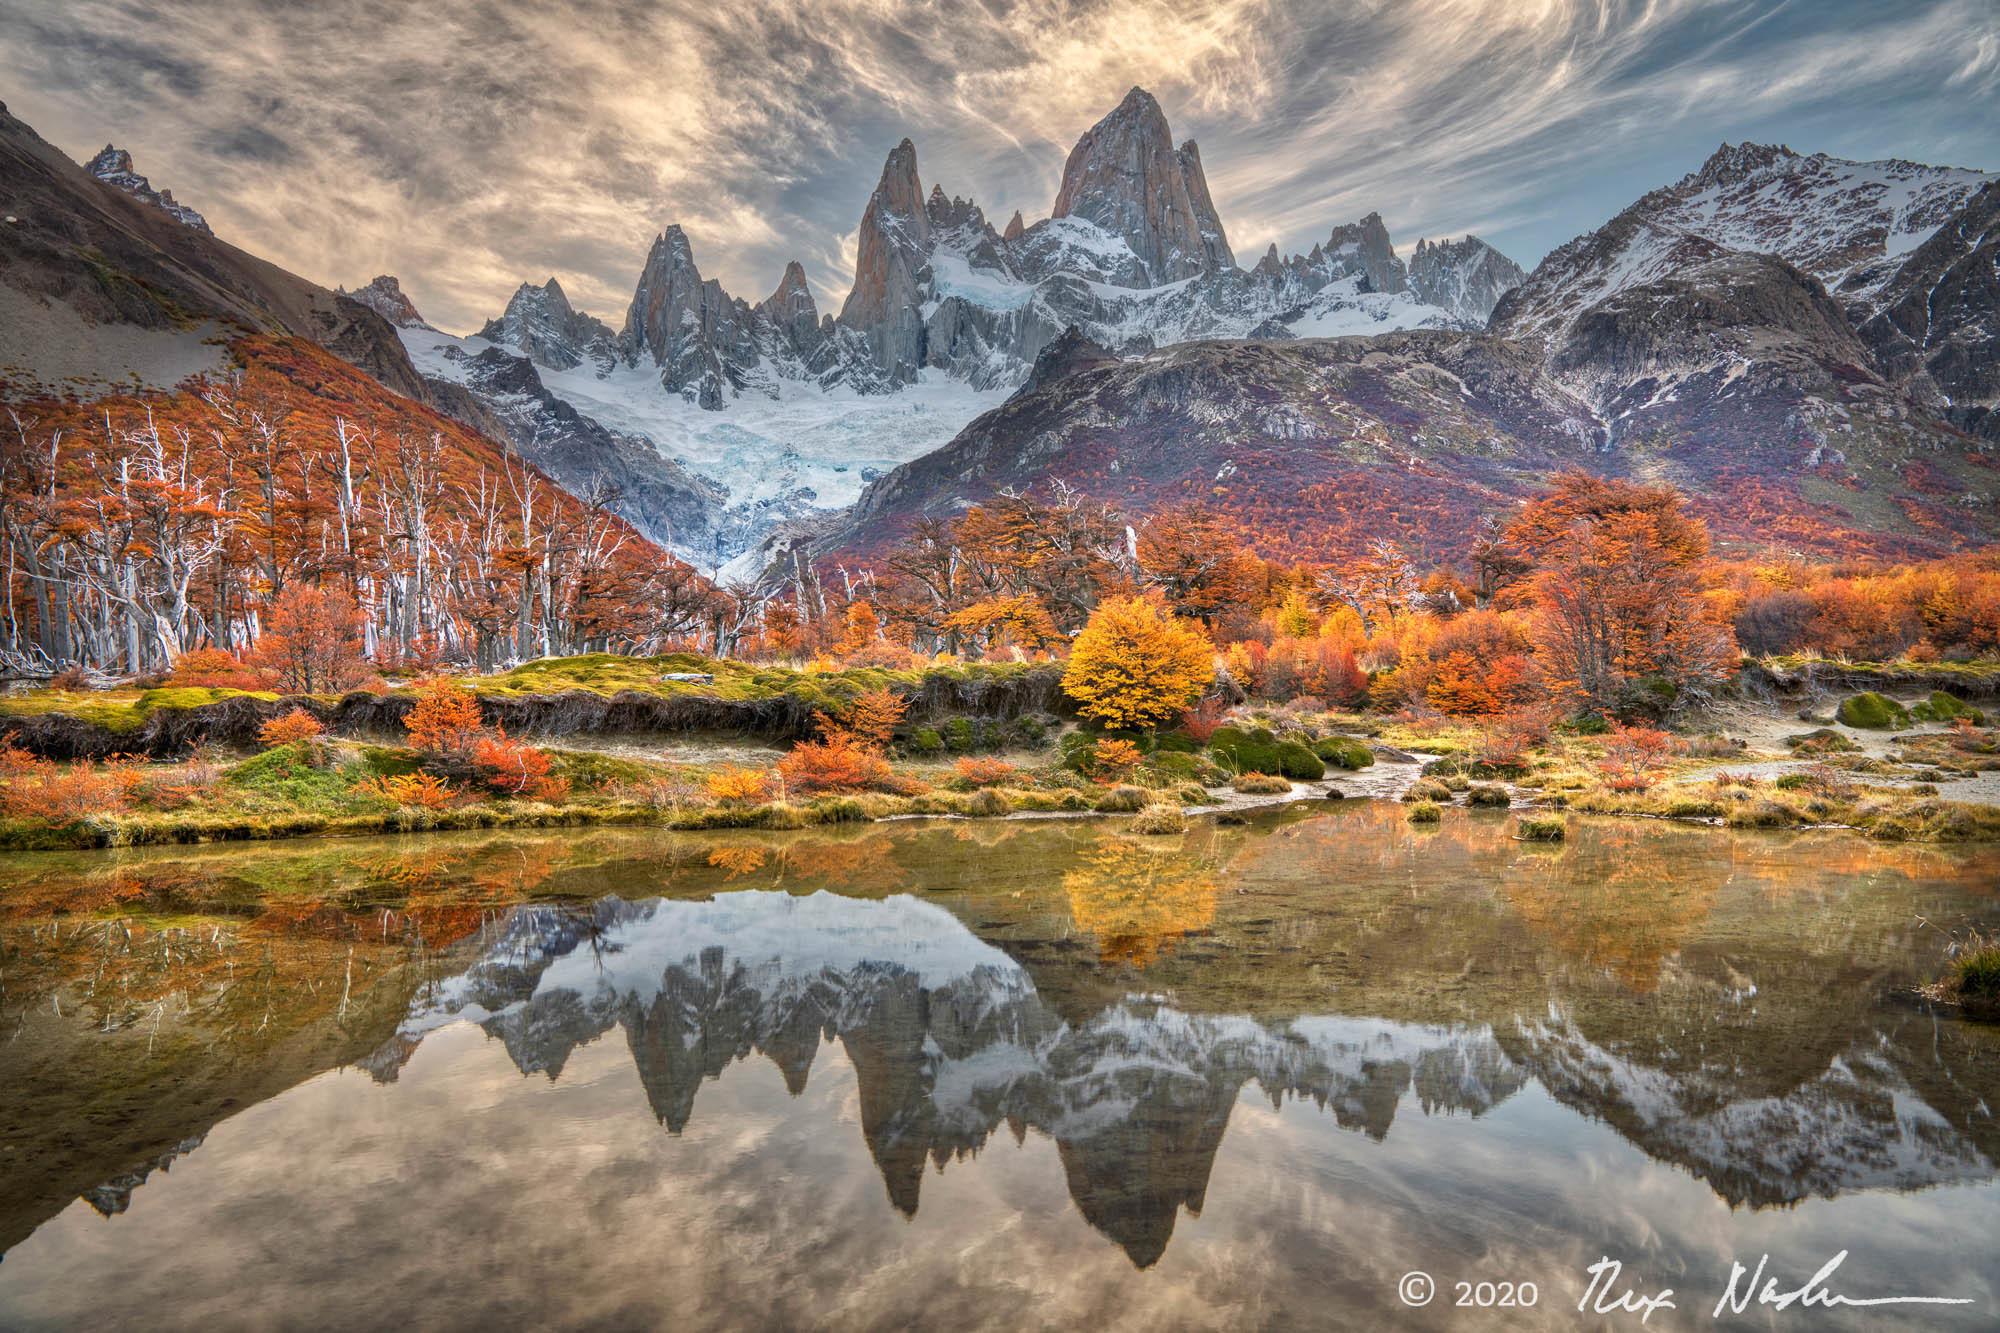 Austral Fall - Near El Chalten, Argentina